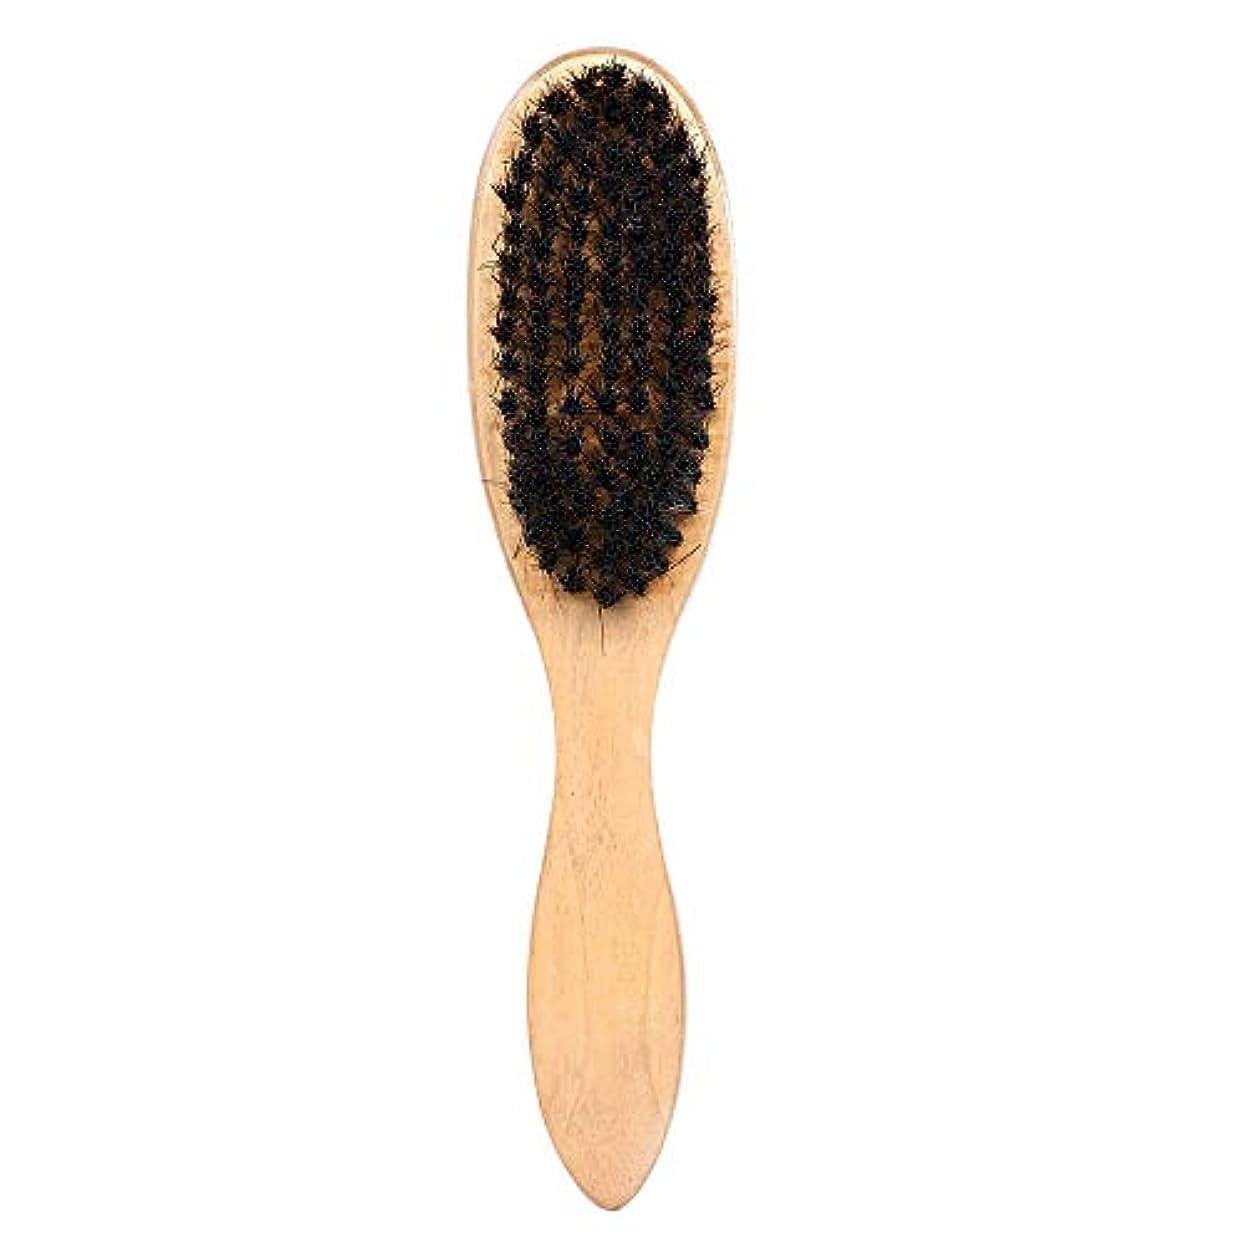 あごひげケア 美容ツール ひげブラシ木製ヘアブラシイノシシ剛毛木製ハンドルシェービングブラシ木製ひげ櫛男性用